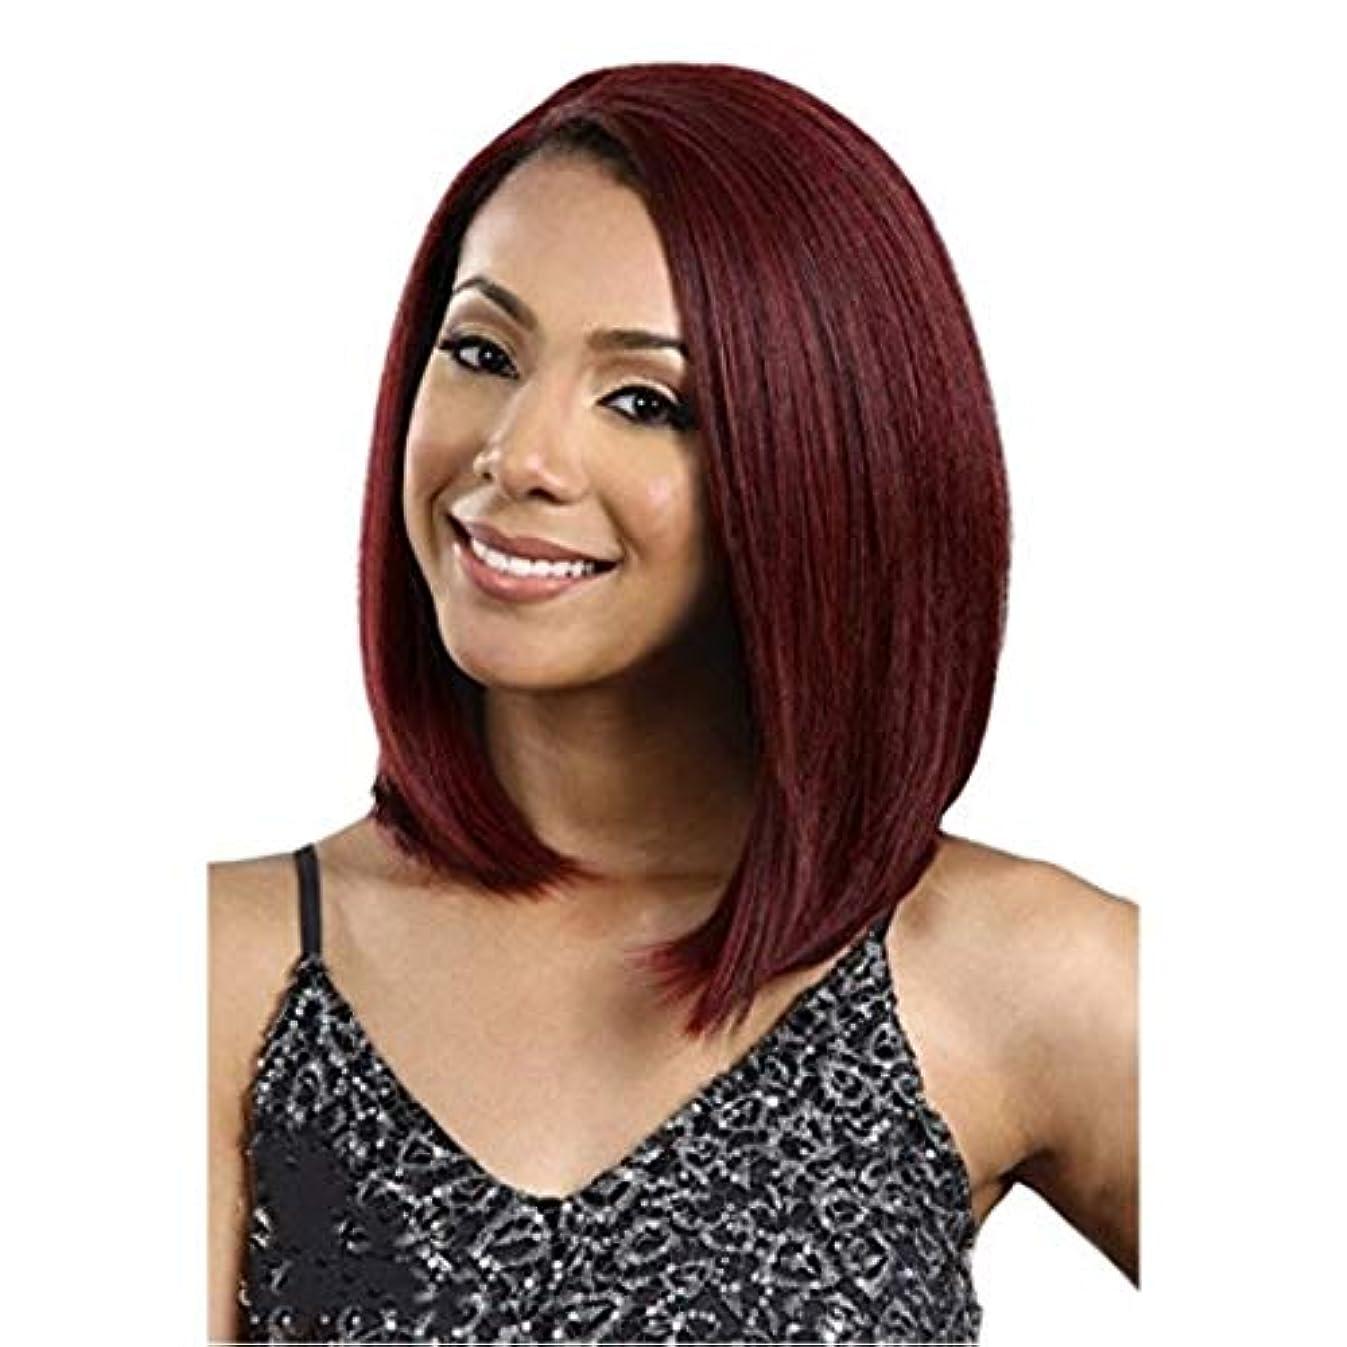 不確実促す胸Summerys 女性のための前髪の髪のかつらとミディアムストレートヘアレッドウィッグヘッドギア耐熱合成かつら